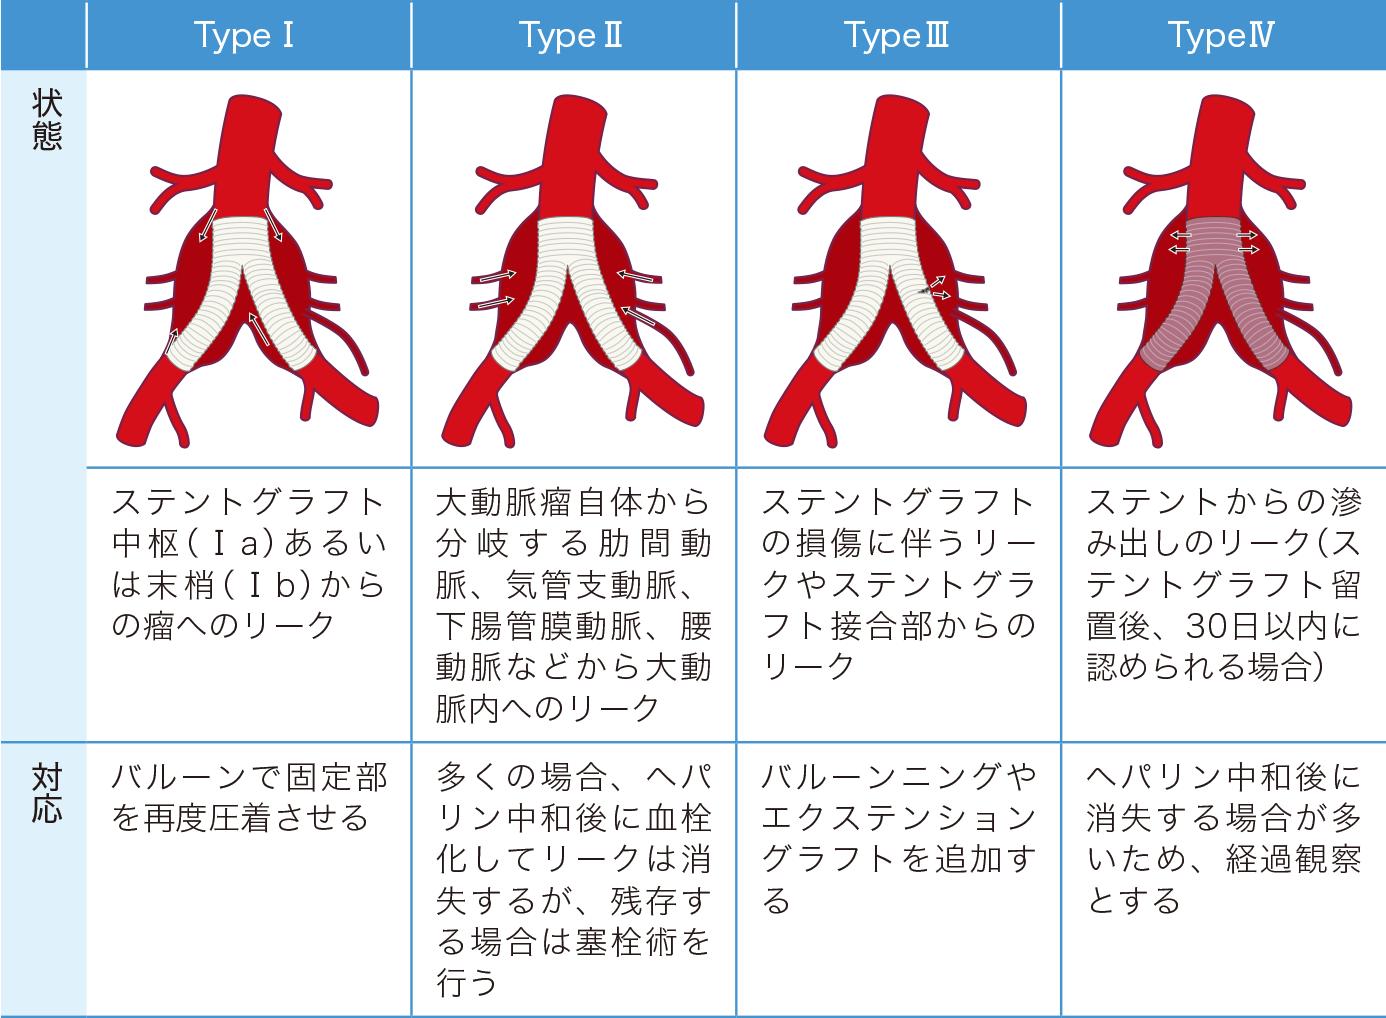 EVAR のエンドリークの分類